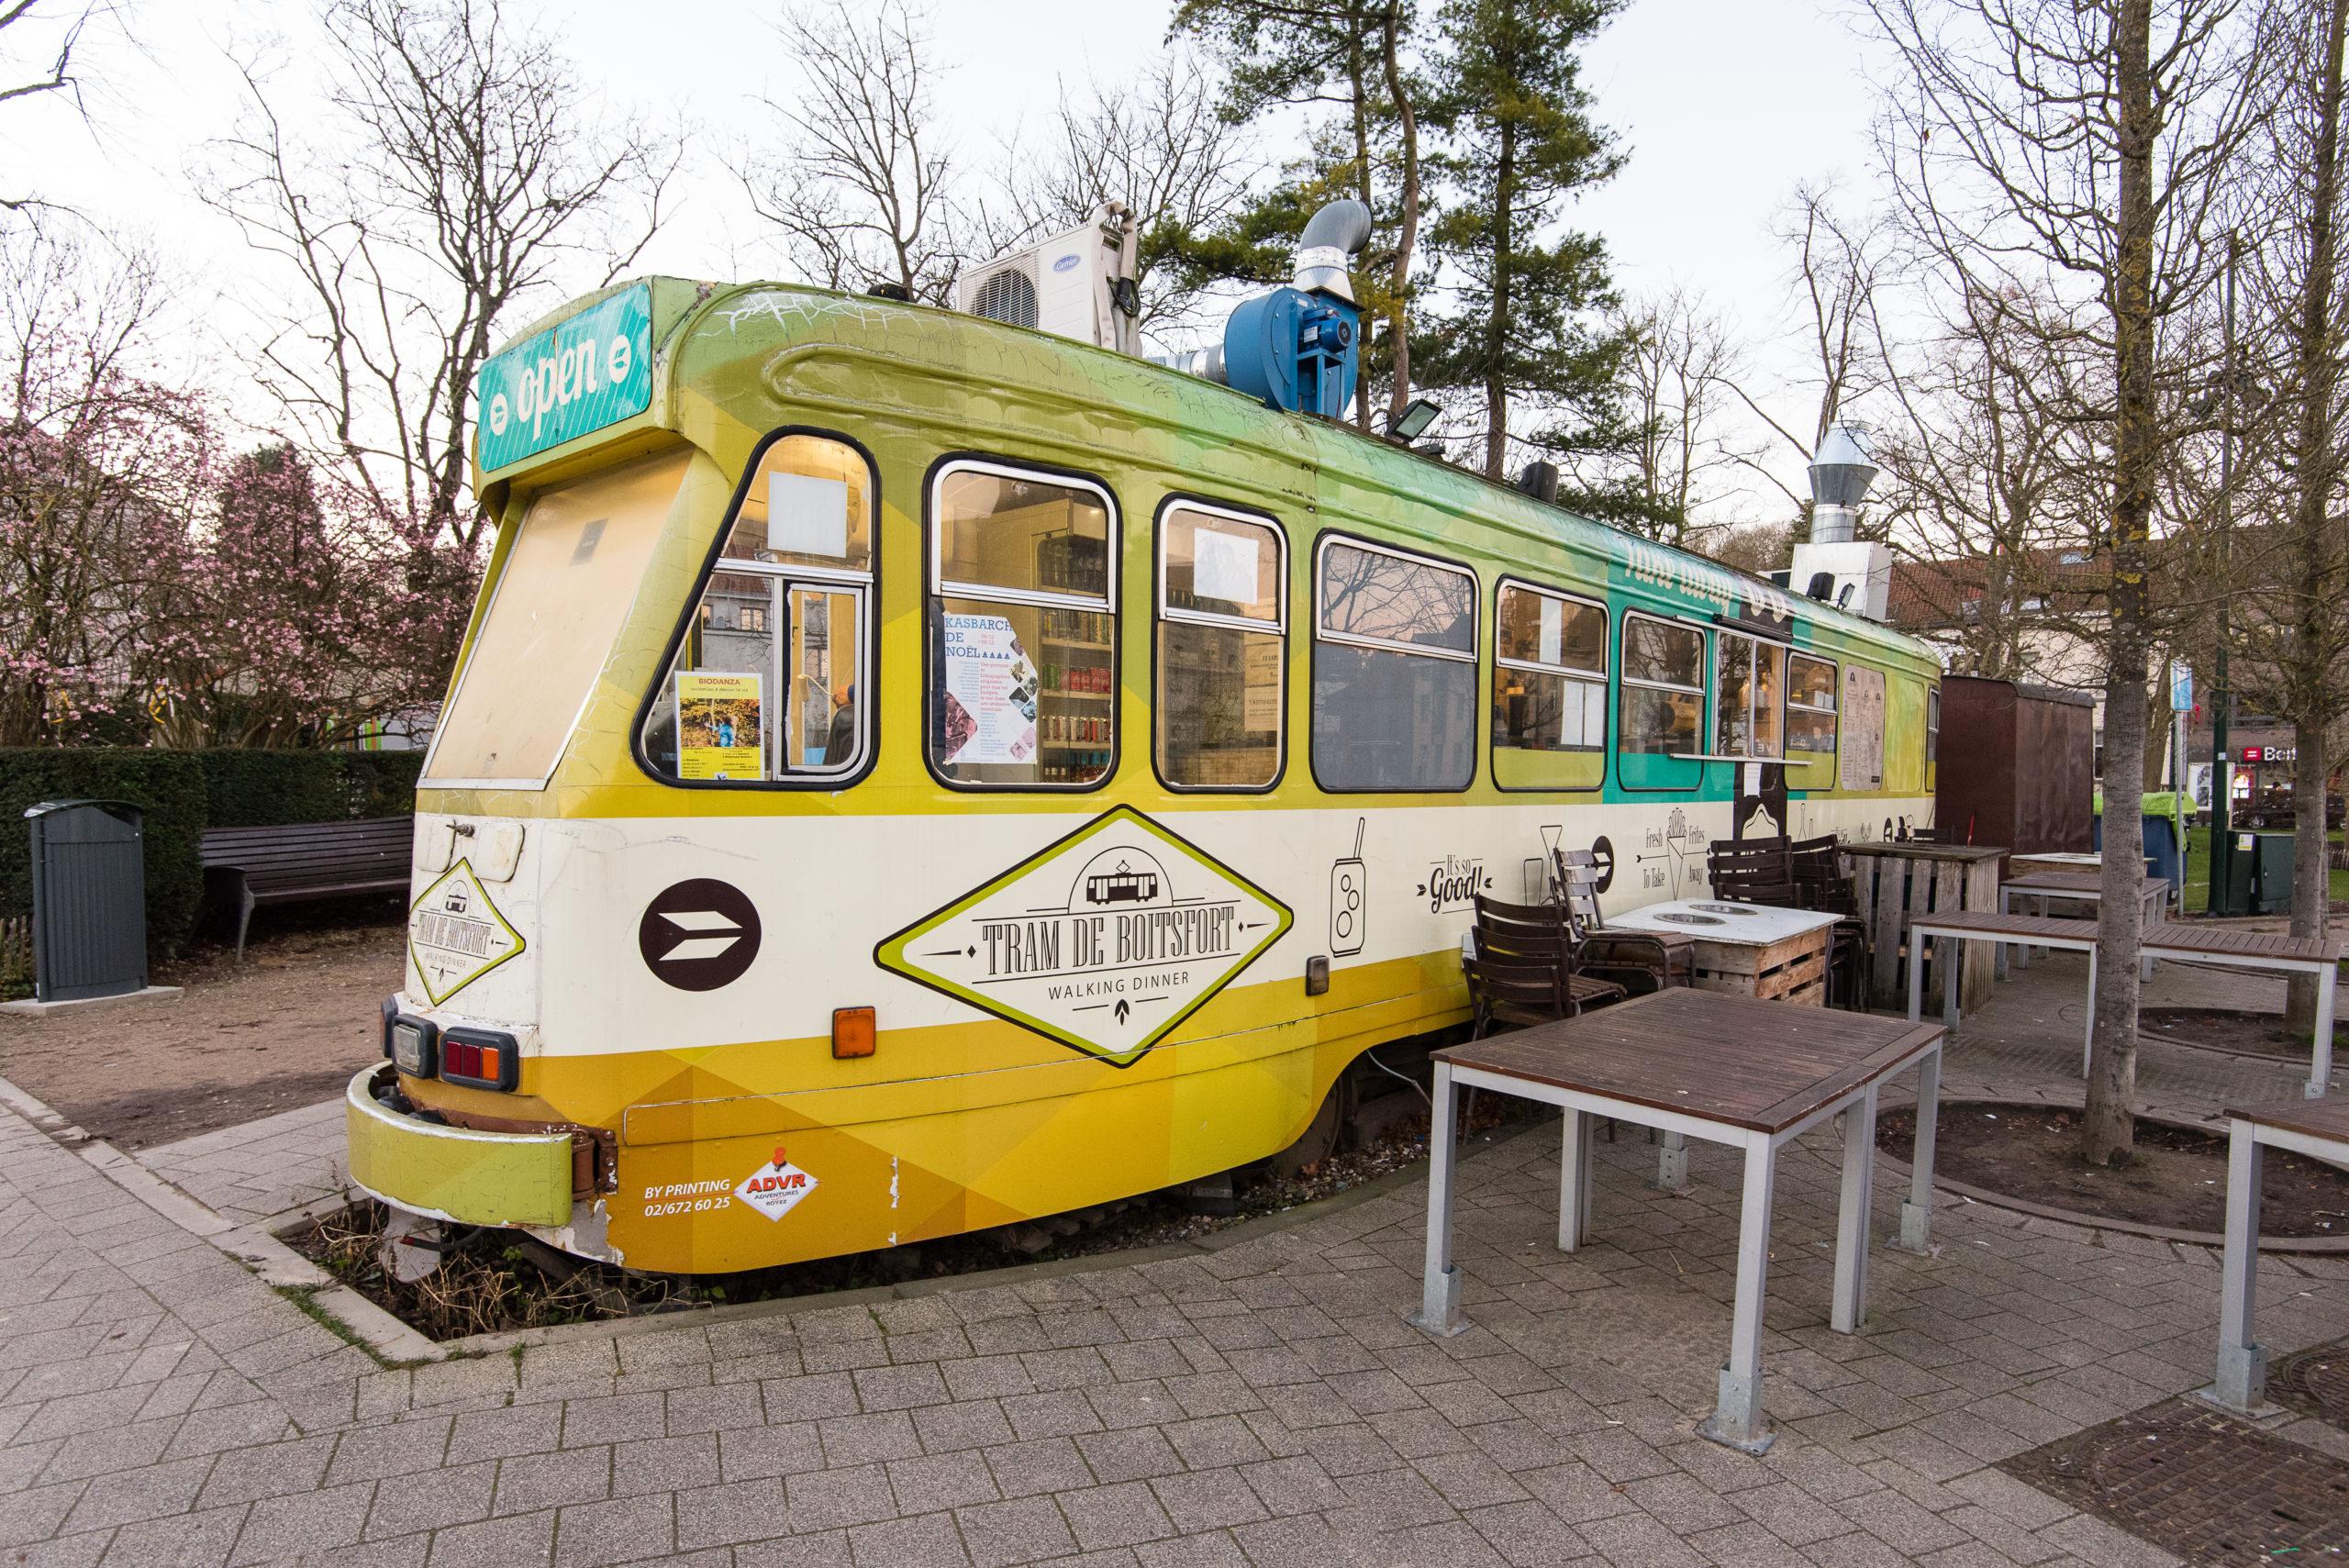 Tram de Boitsfort – Maison de Quartier du Dries 1170 Watermael-Boitsfort